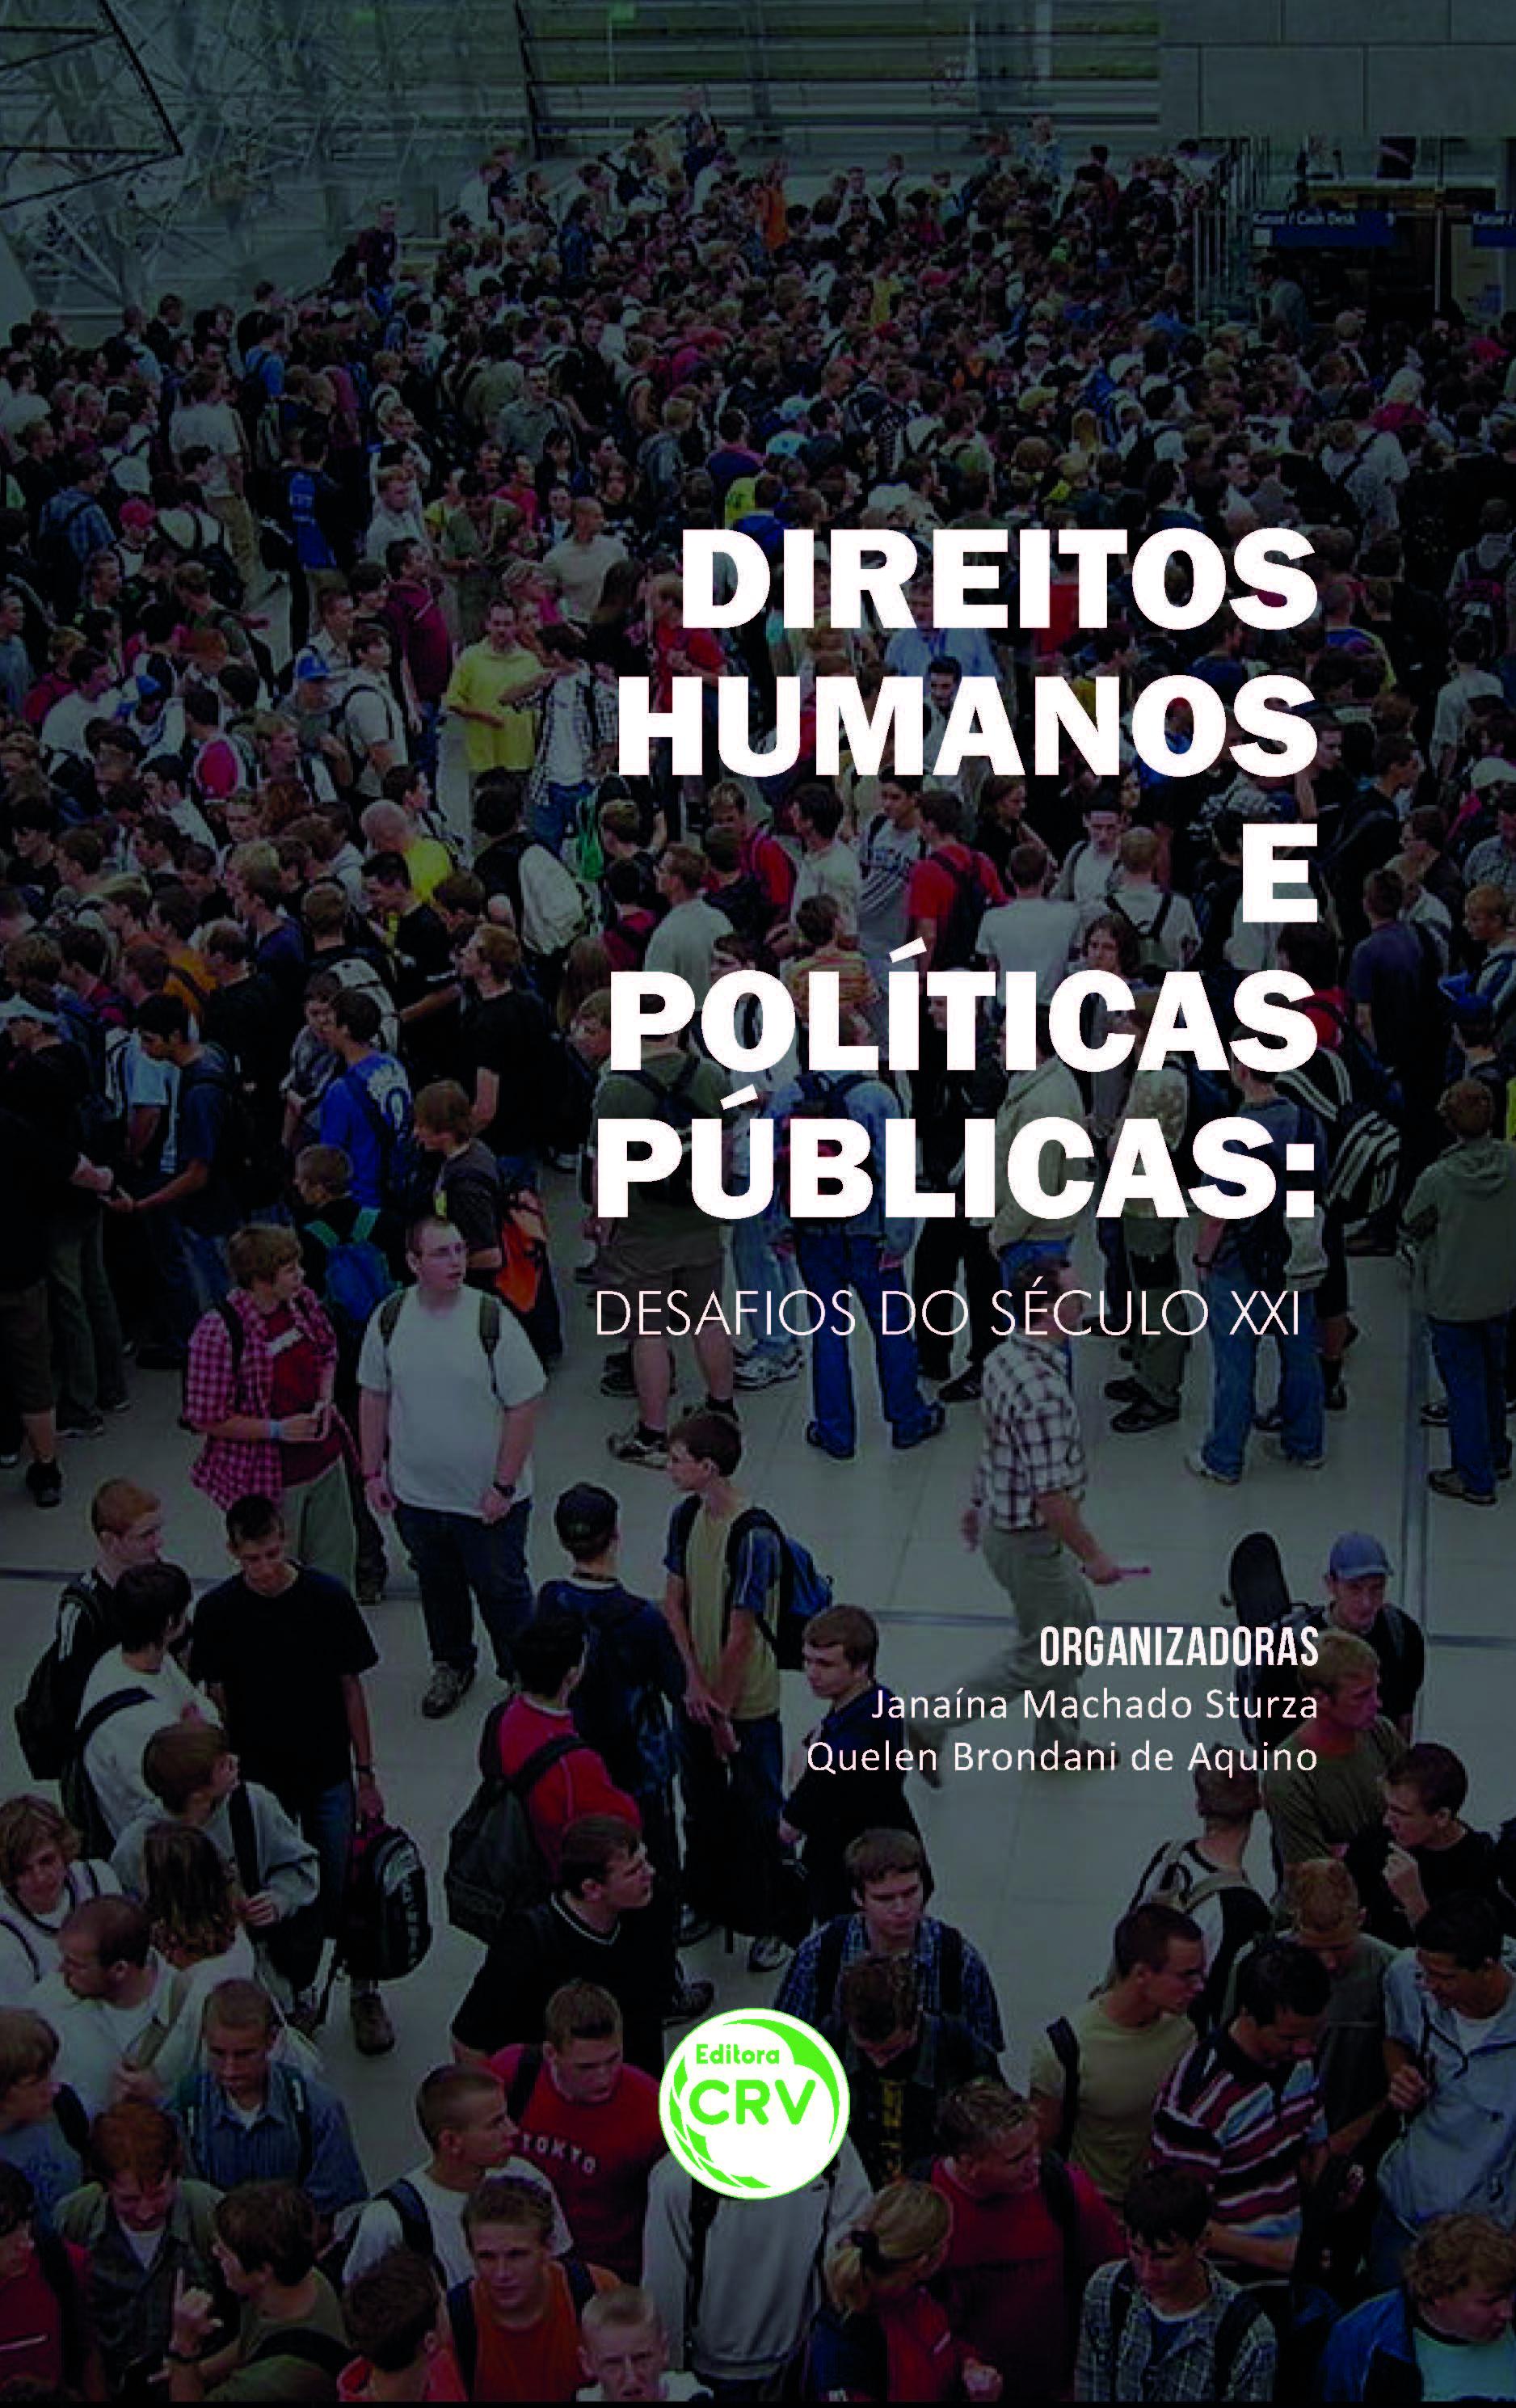 Capa do livro: DIREITOS HUMANOS E POLÍTICAS PÚBLICAS:<br>desafios do século XXI